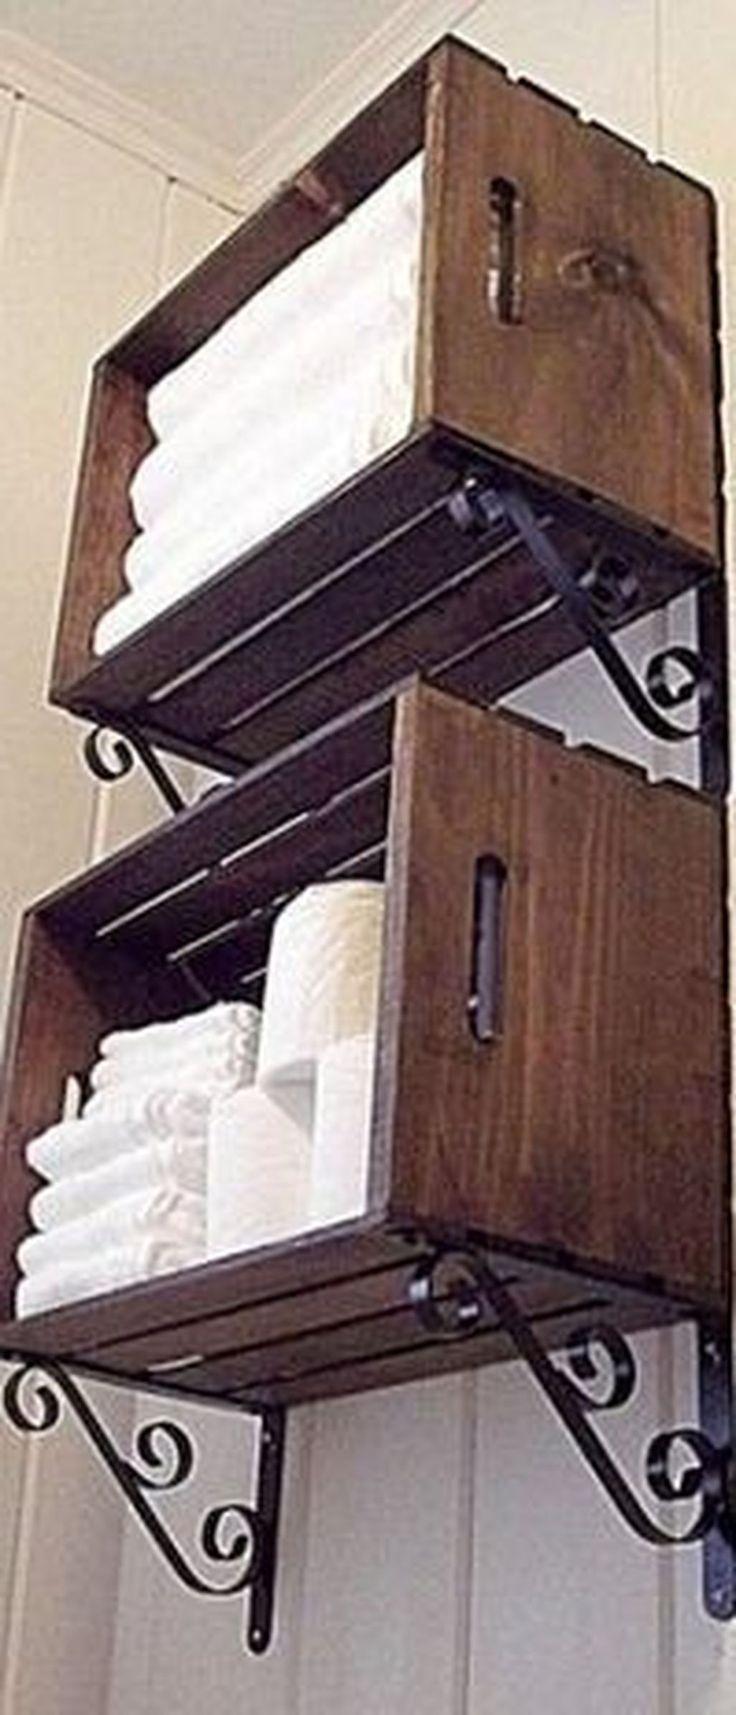 Das funktioniert eigentlich für kleine Badezimmer …. so habe ich meins gemacht #woodworkingsbedroom